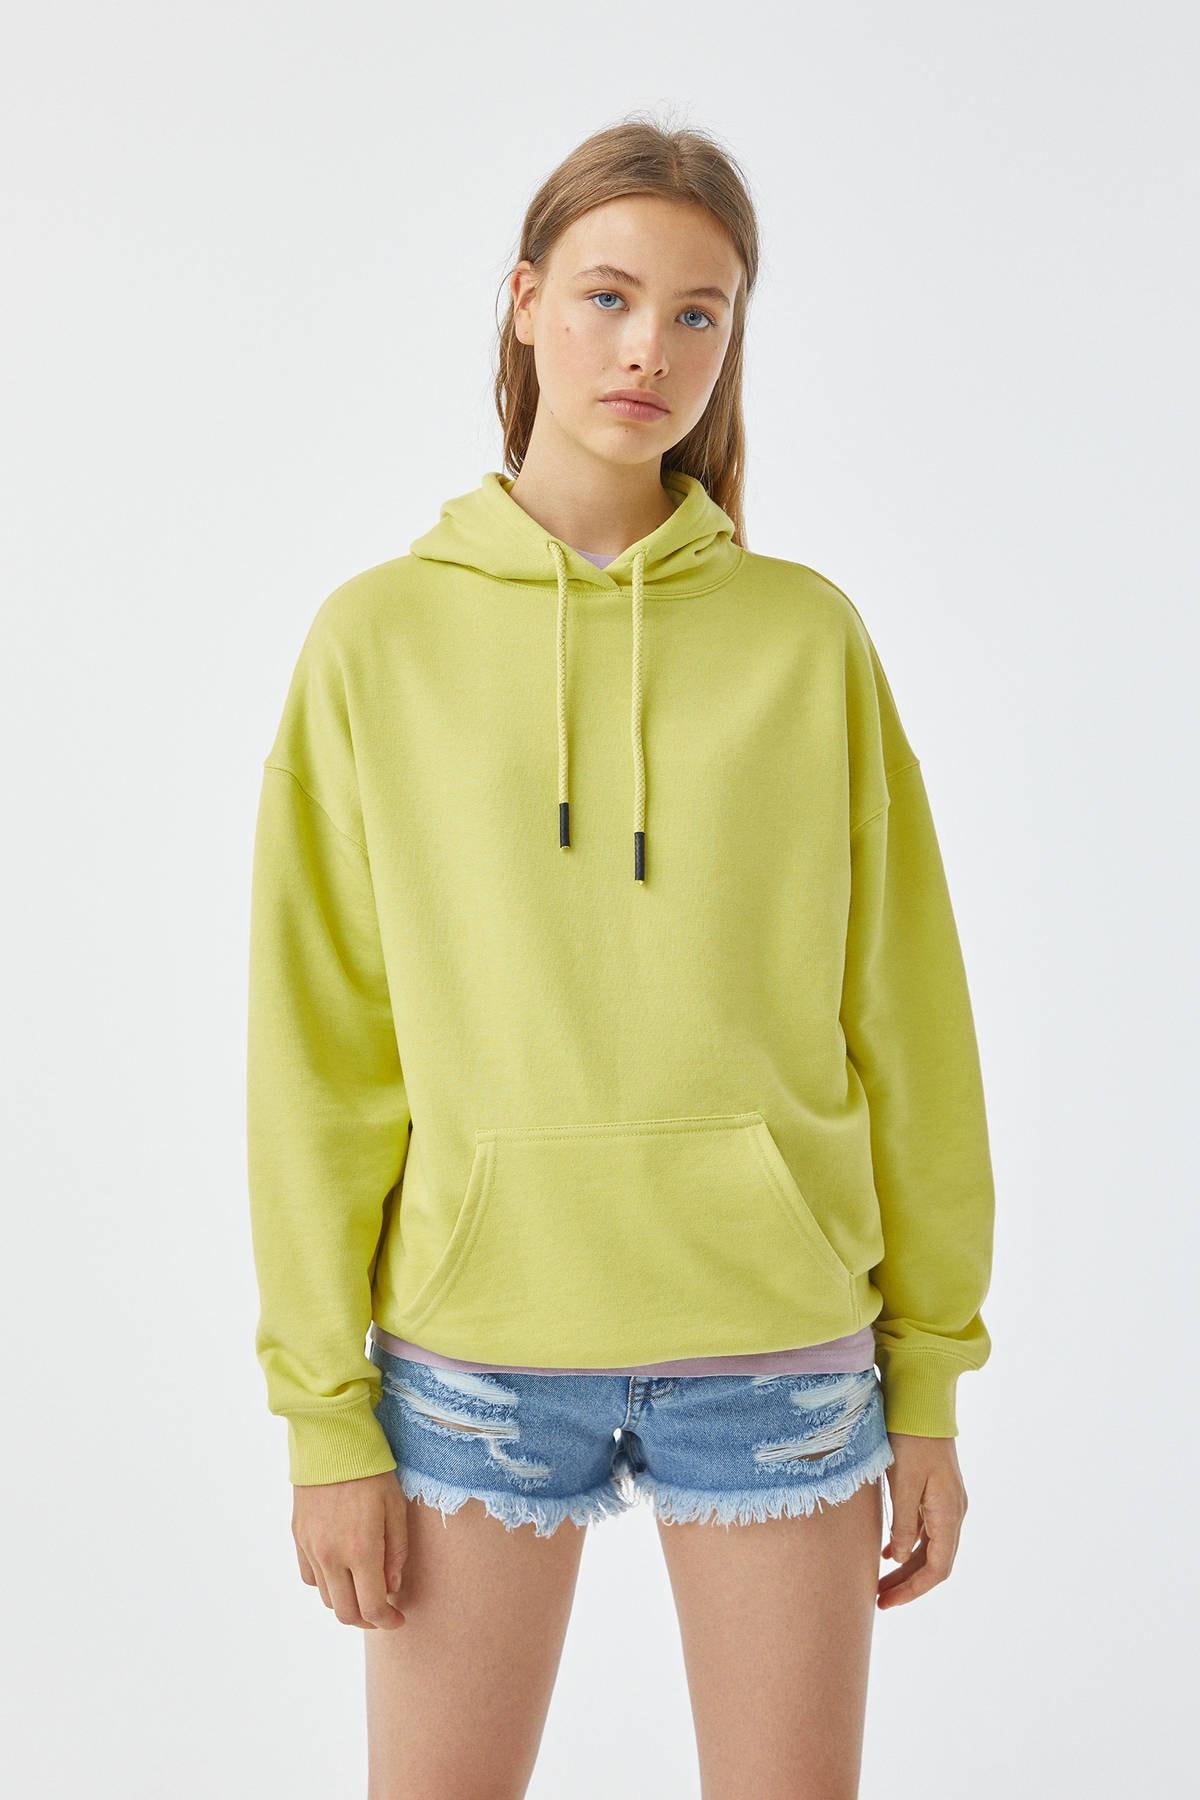 Pull & Bear Kadın Fıstık Yeşili Basic Oversize Kapüşonlu Sweatshirt 05596380